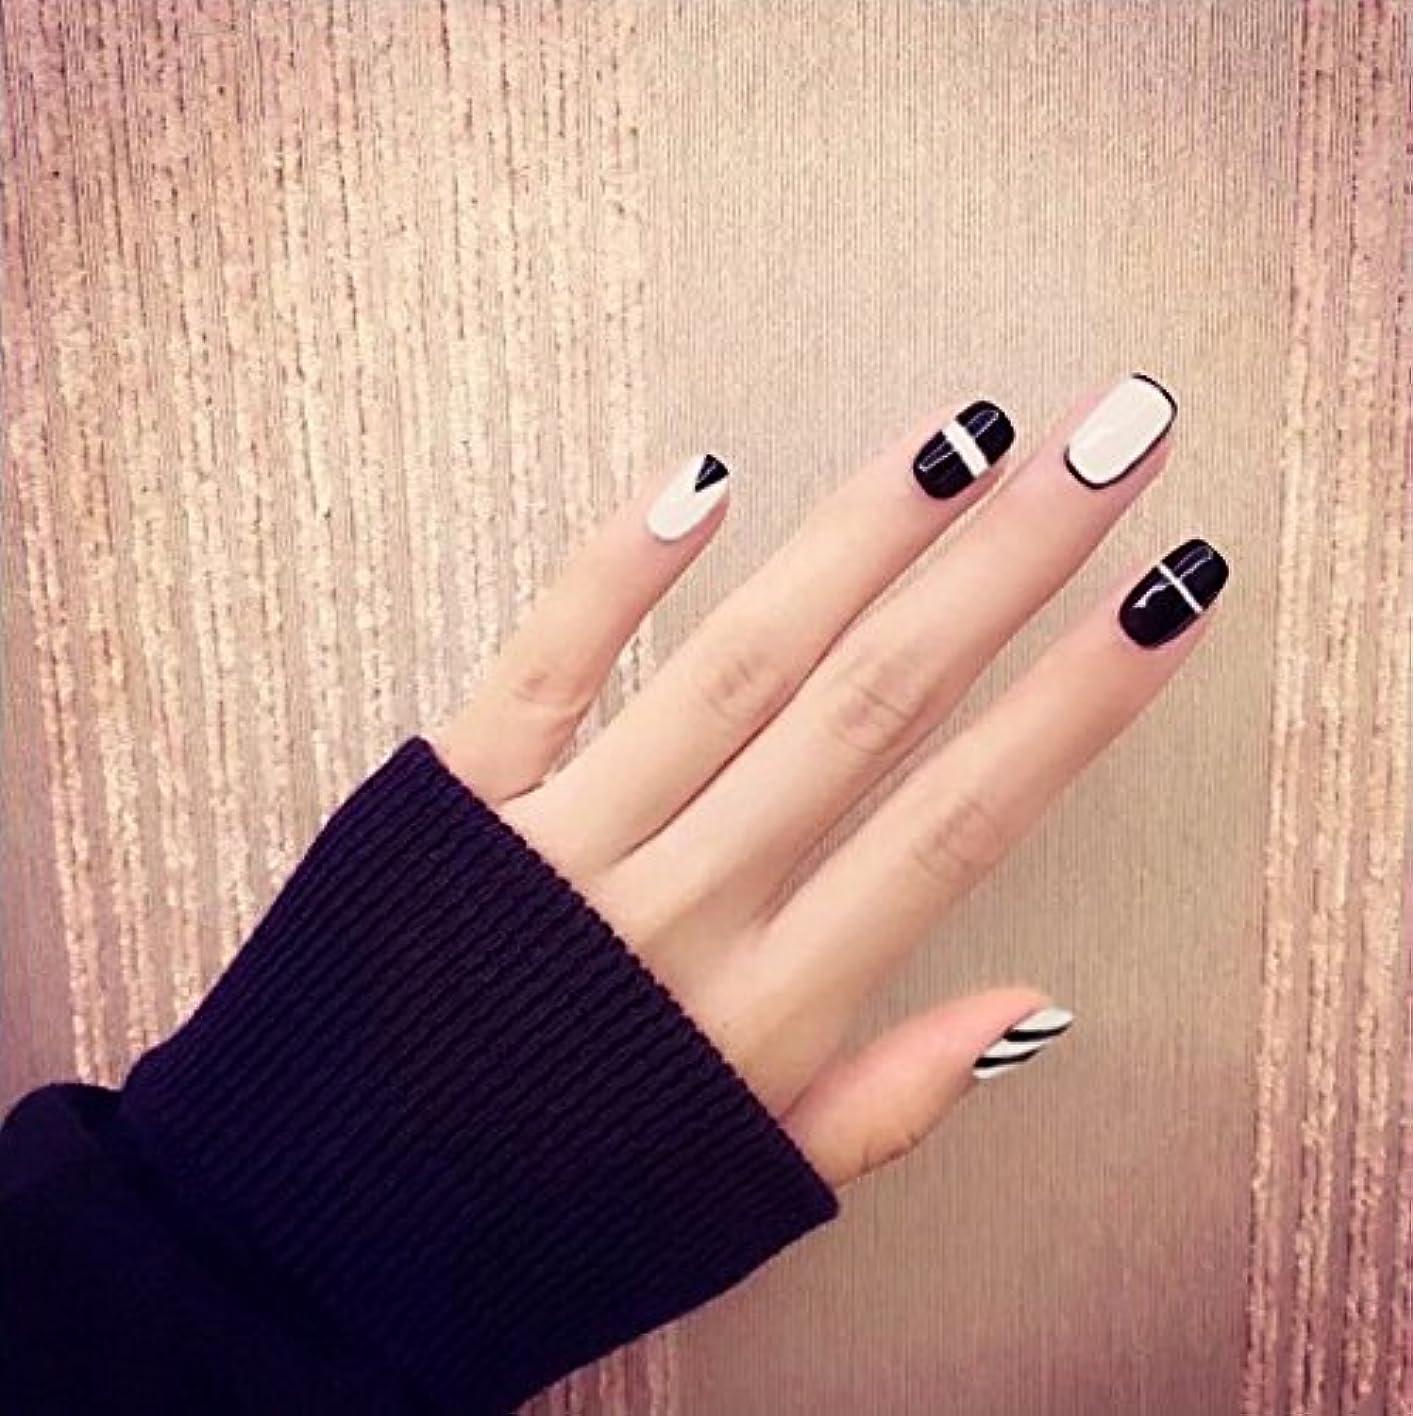 トレンド黒と白の偽の爪 24枚入 短いさネイルチップ ネイルチップの完成品 可愛い優雅ネイル ネイル花嫁 つけ爪 (B01)